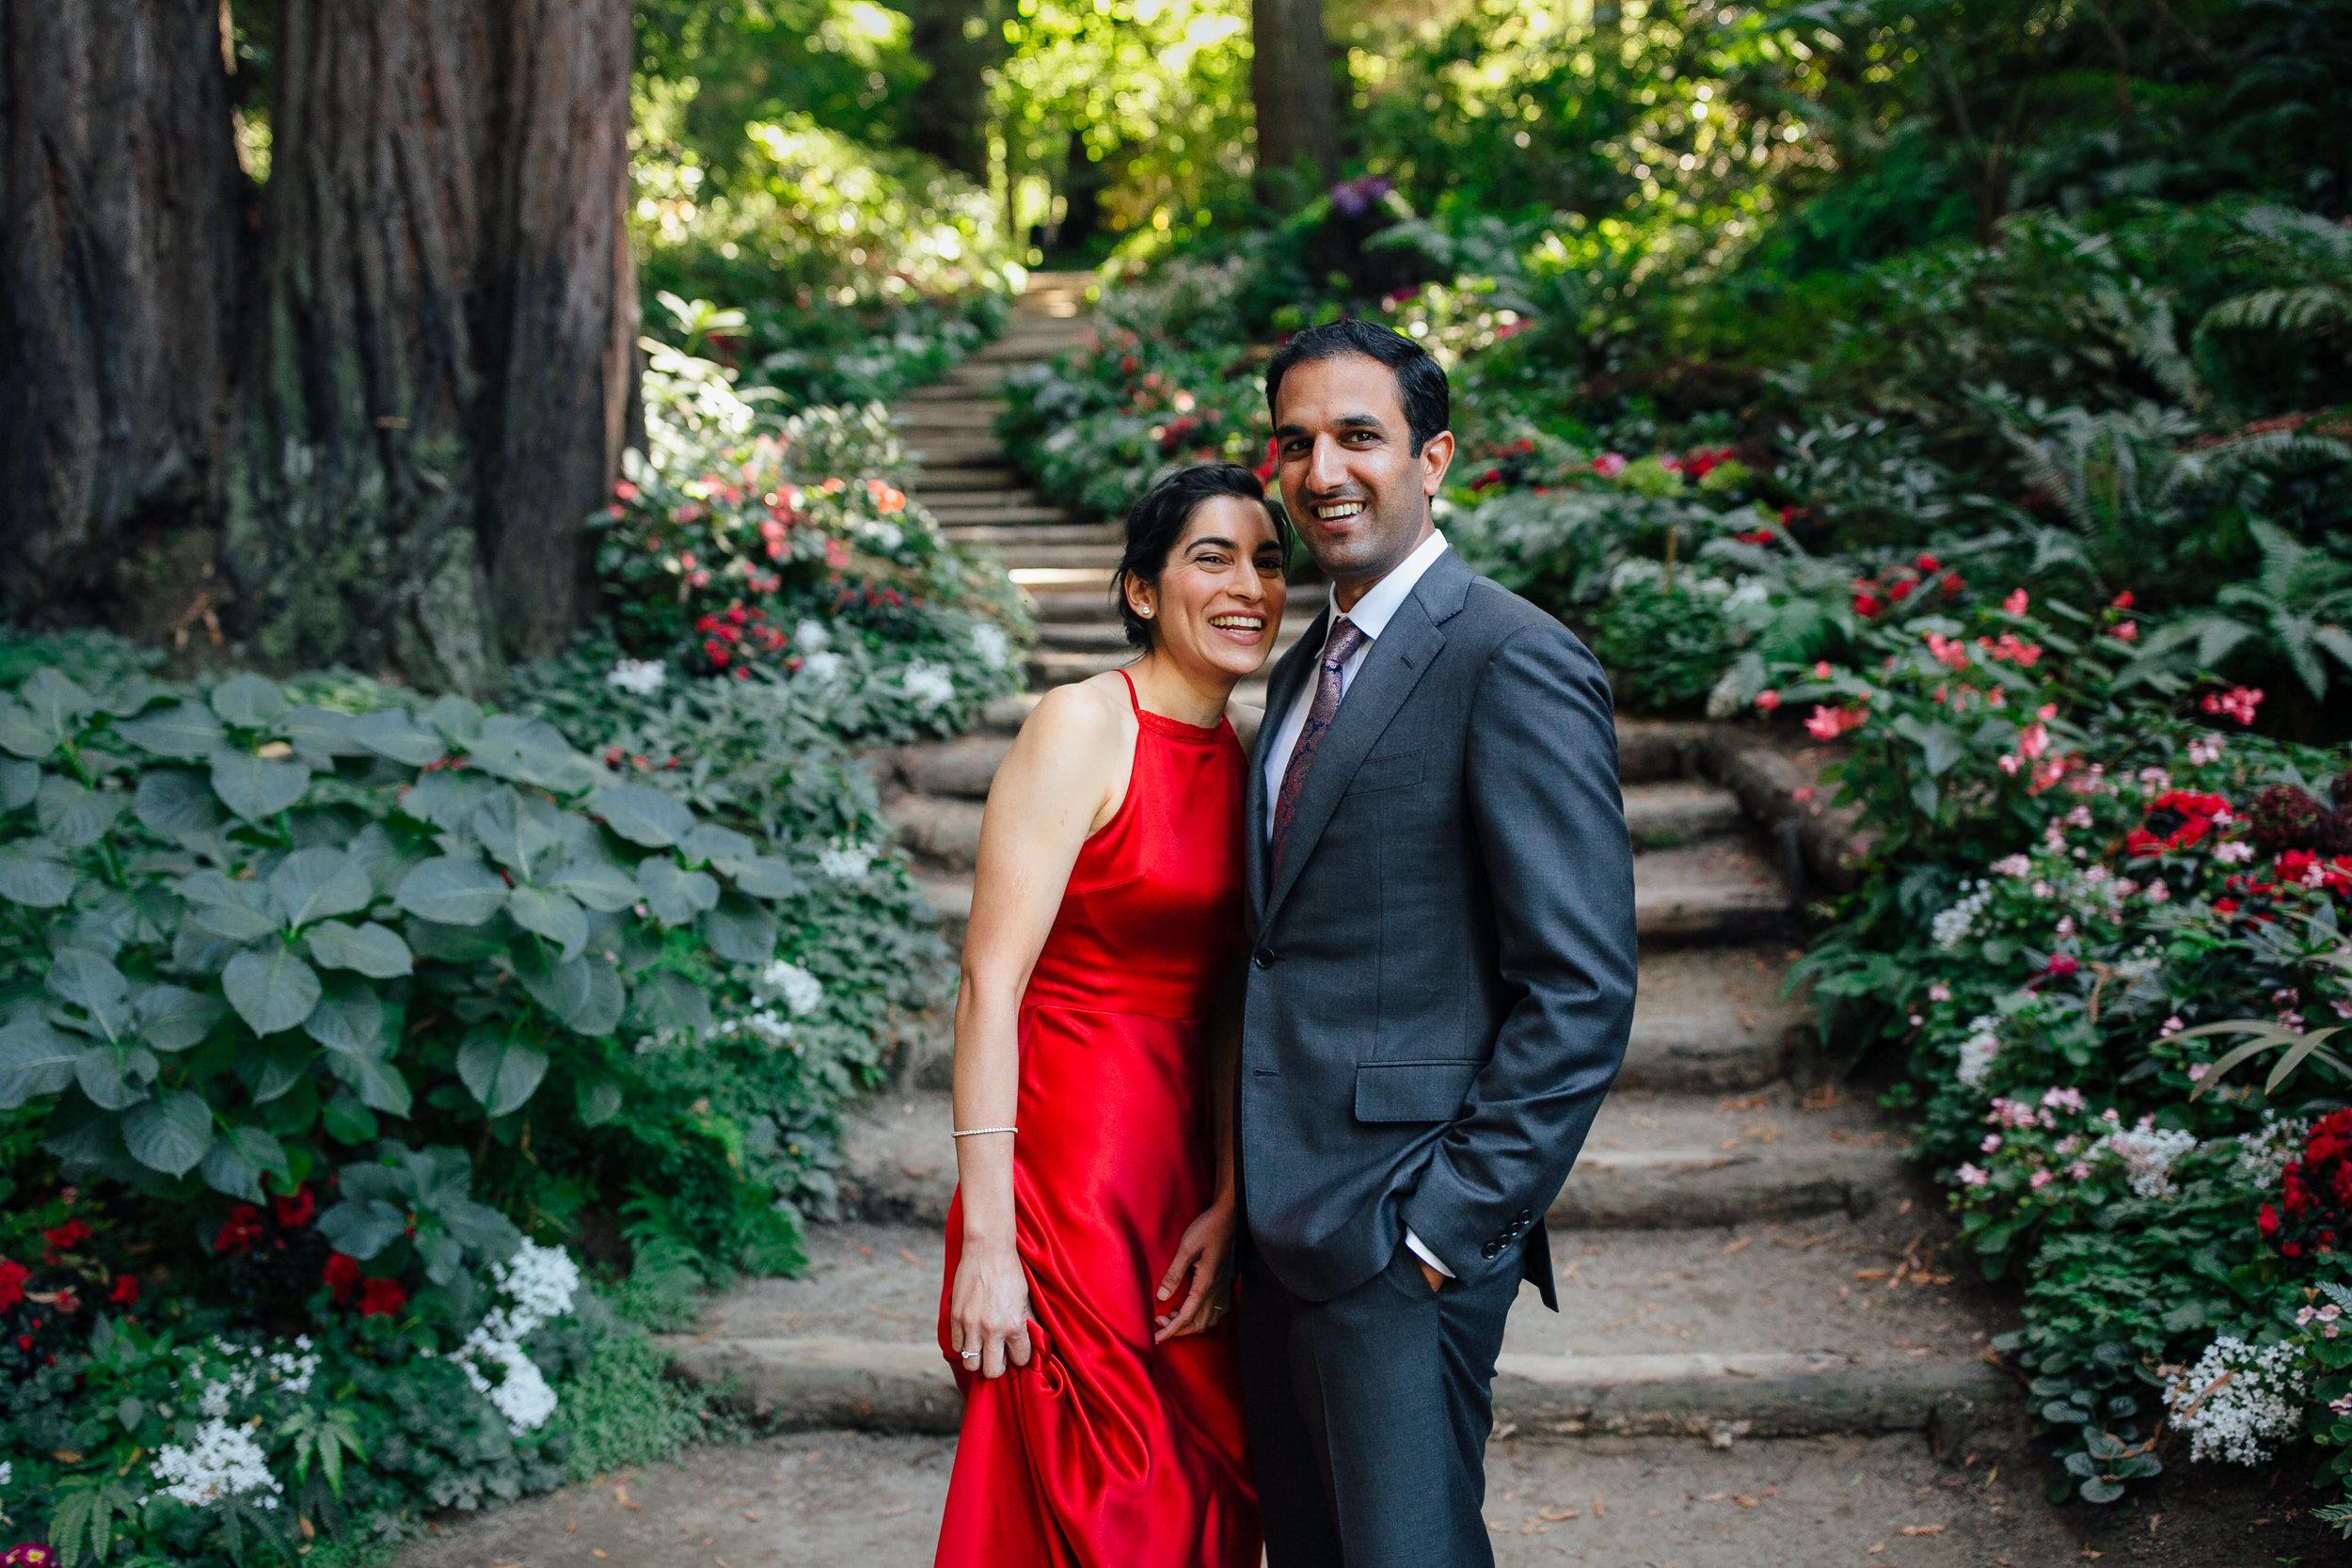 Wedding_M&A_SneakPeek_48.jpg